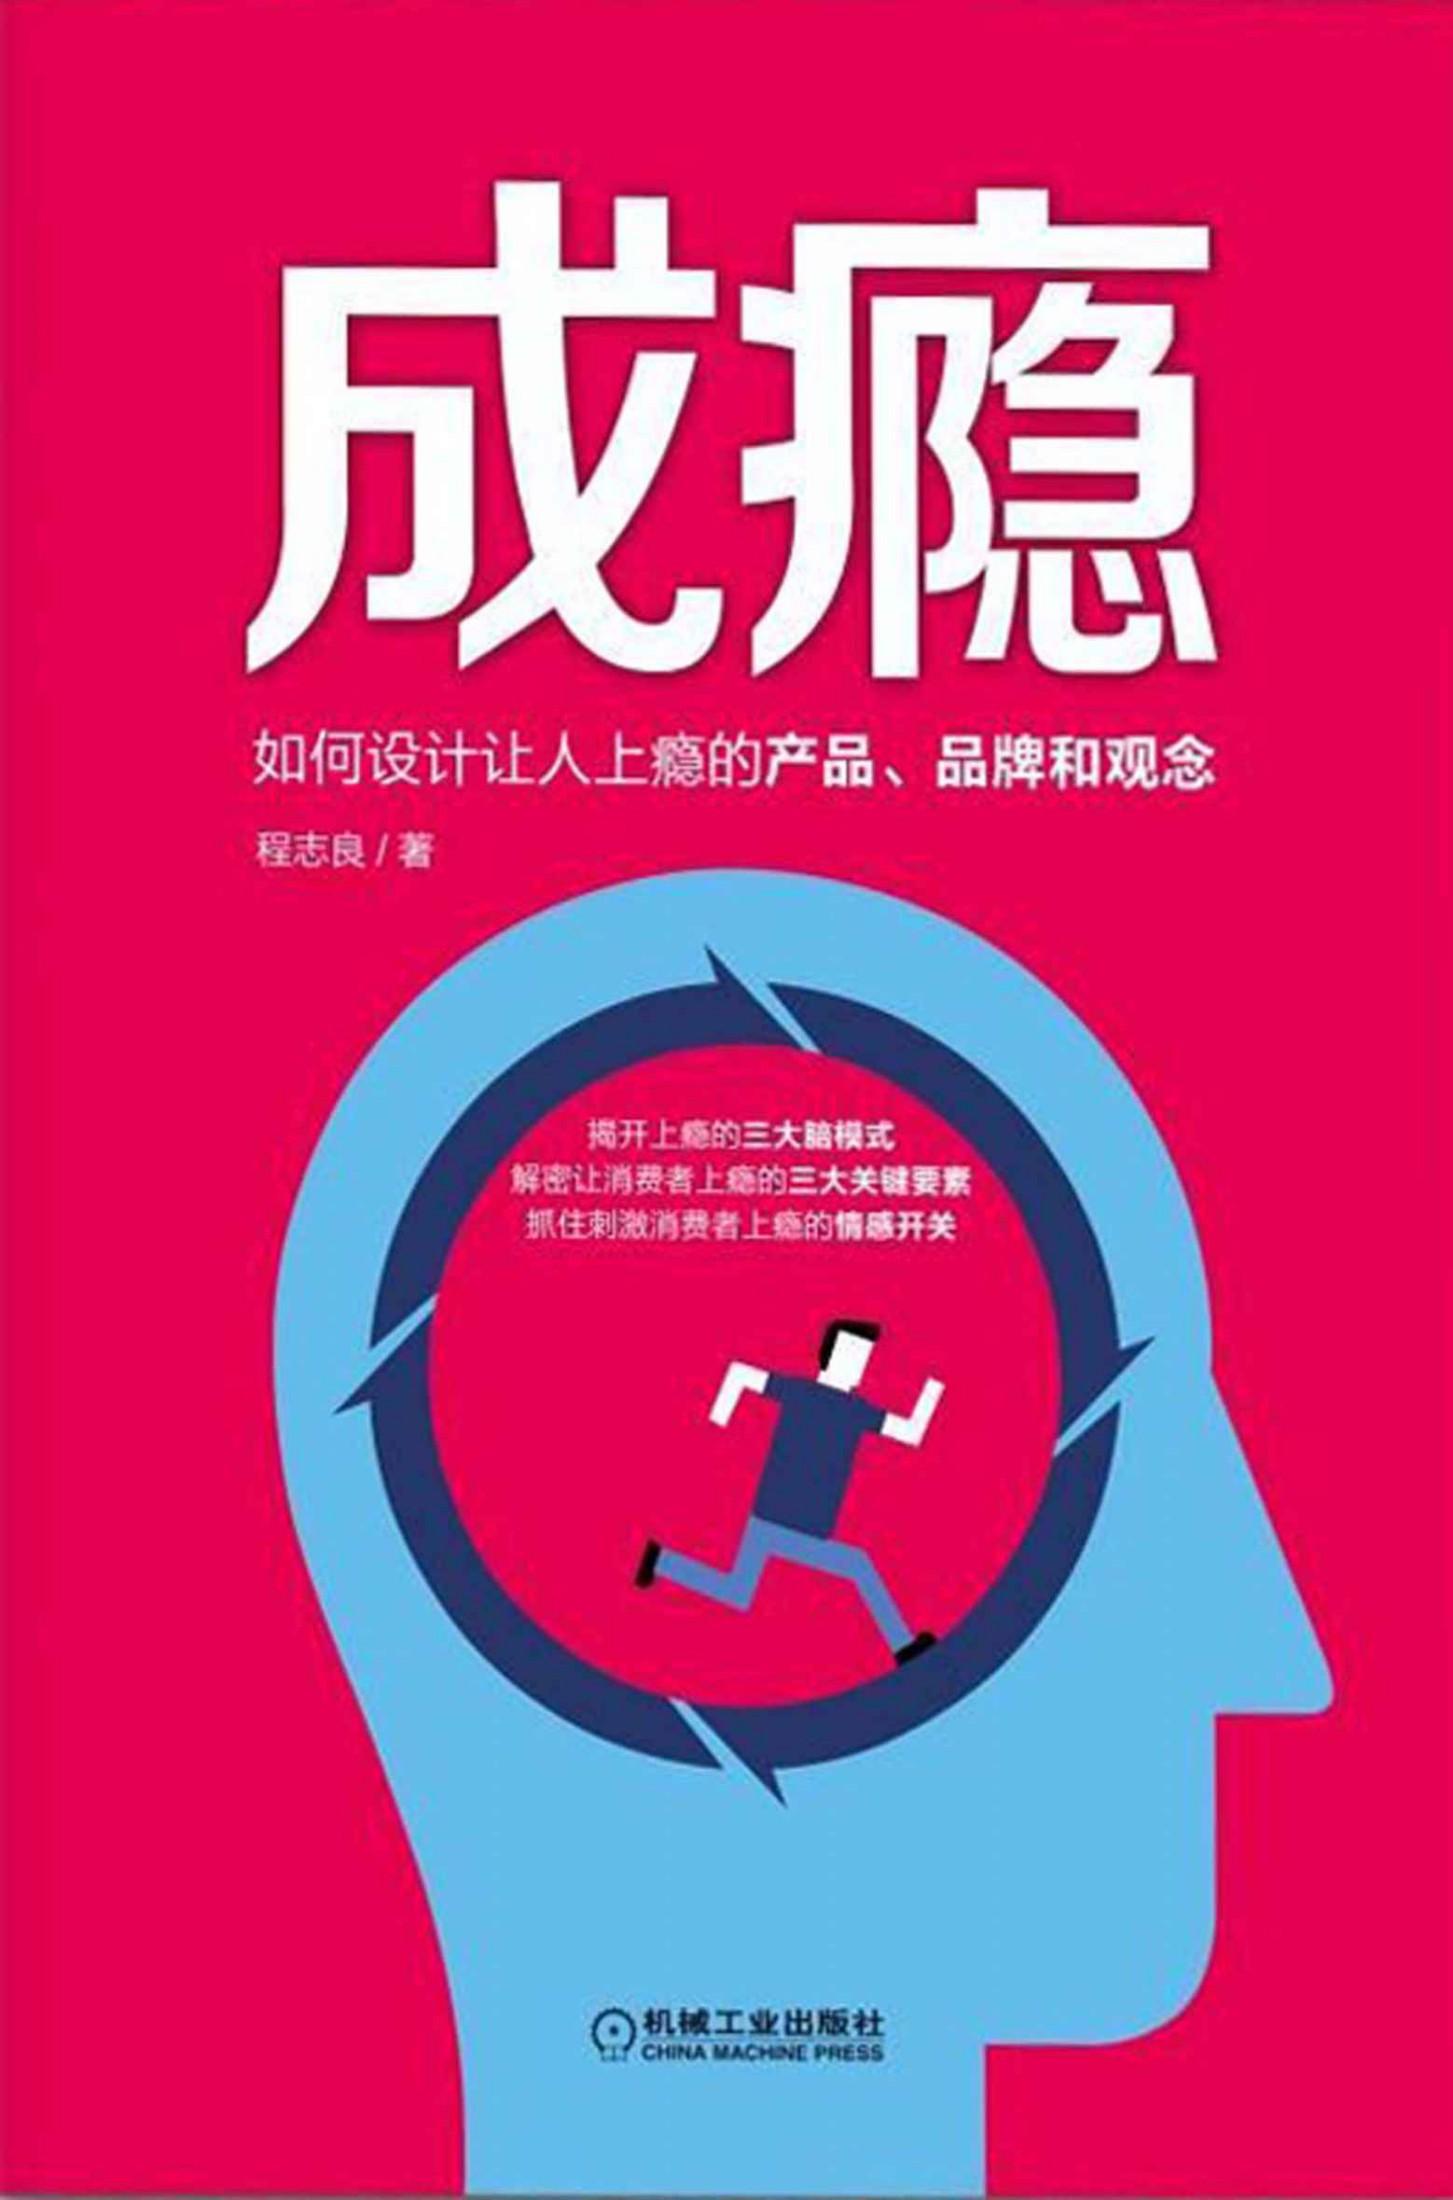 另開新視窗呈現 成癮-如何設計讓人上癮的產品 品牌和觀念 封面